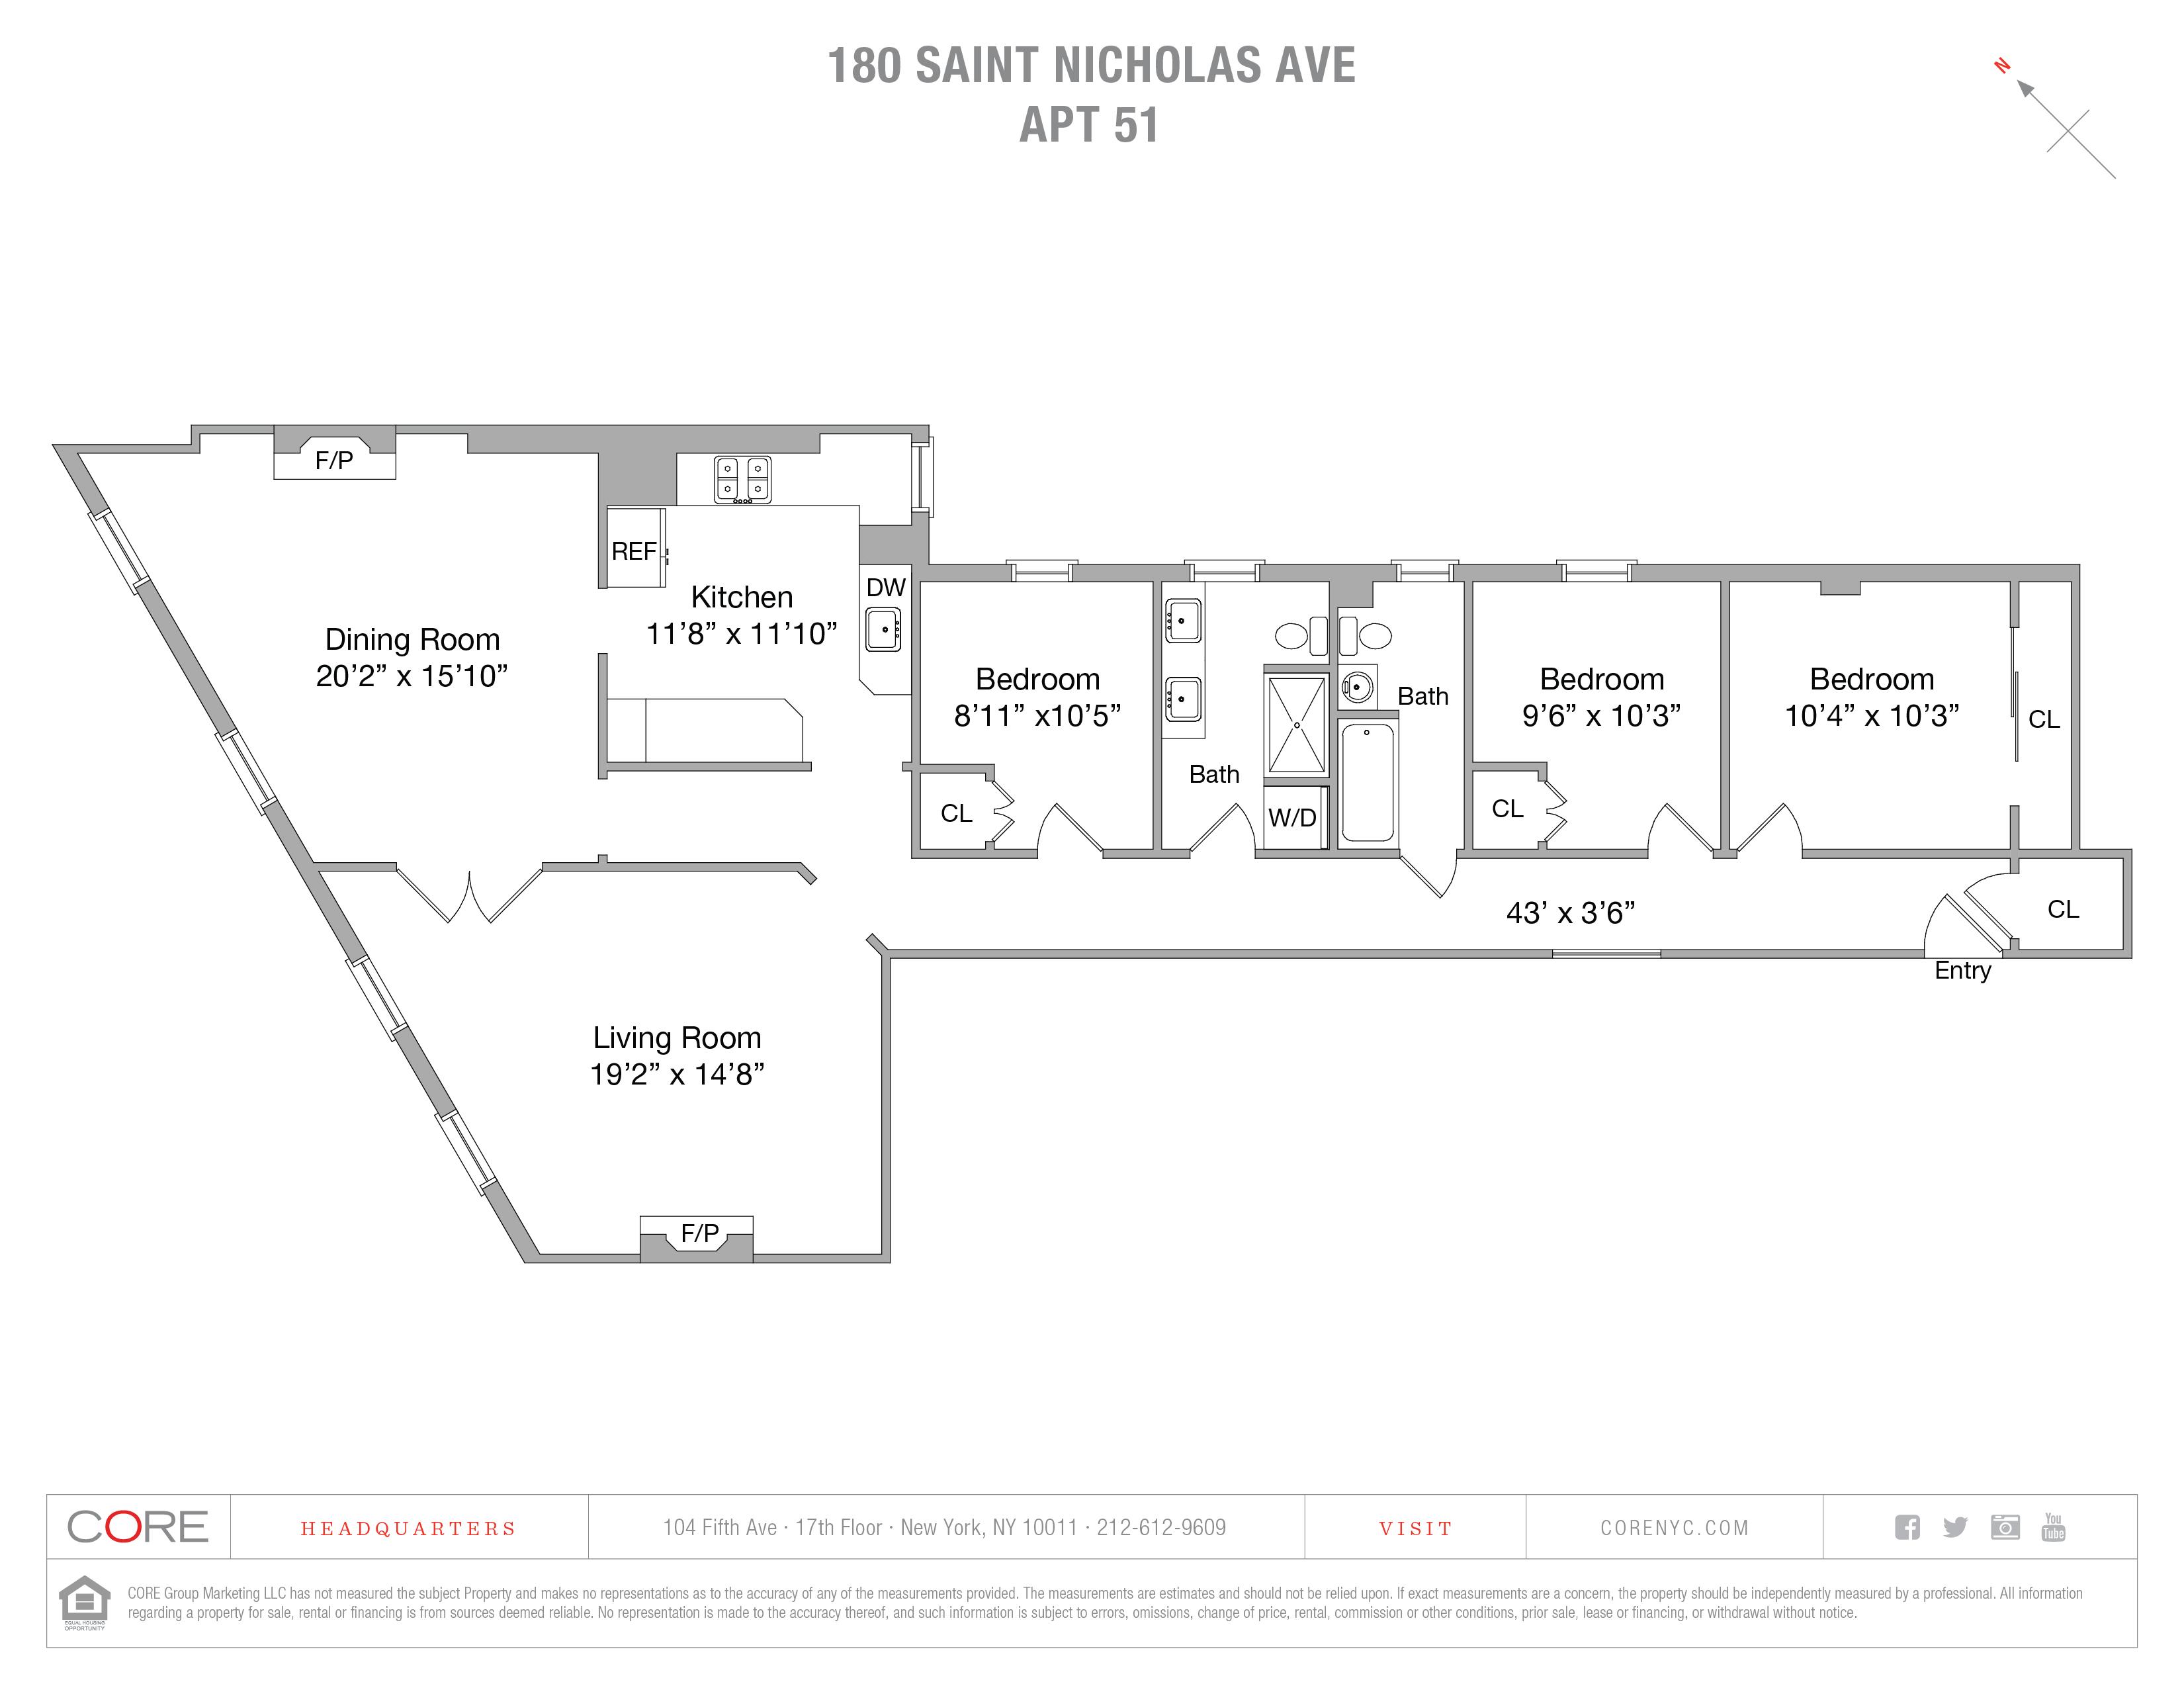 180 Saint Nicholas Ave. 51, New York, NY 10026